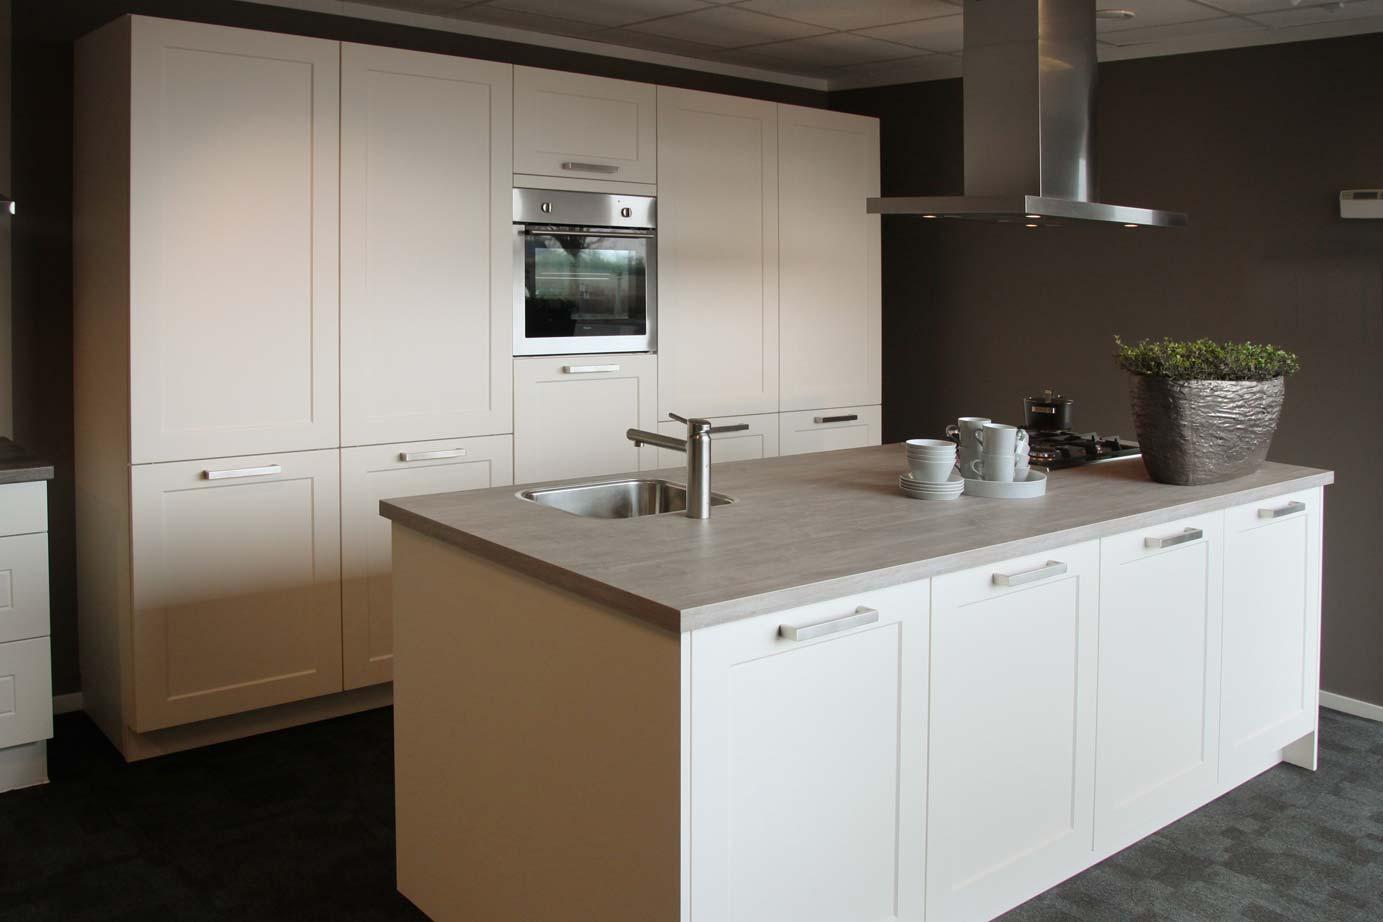 Keuken Met Kookeiland Te Koop : Keuken met luxe kookeiland – DB Keukens